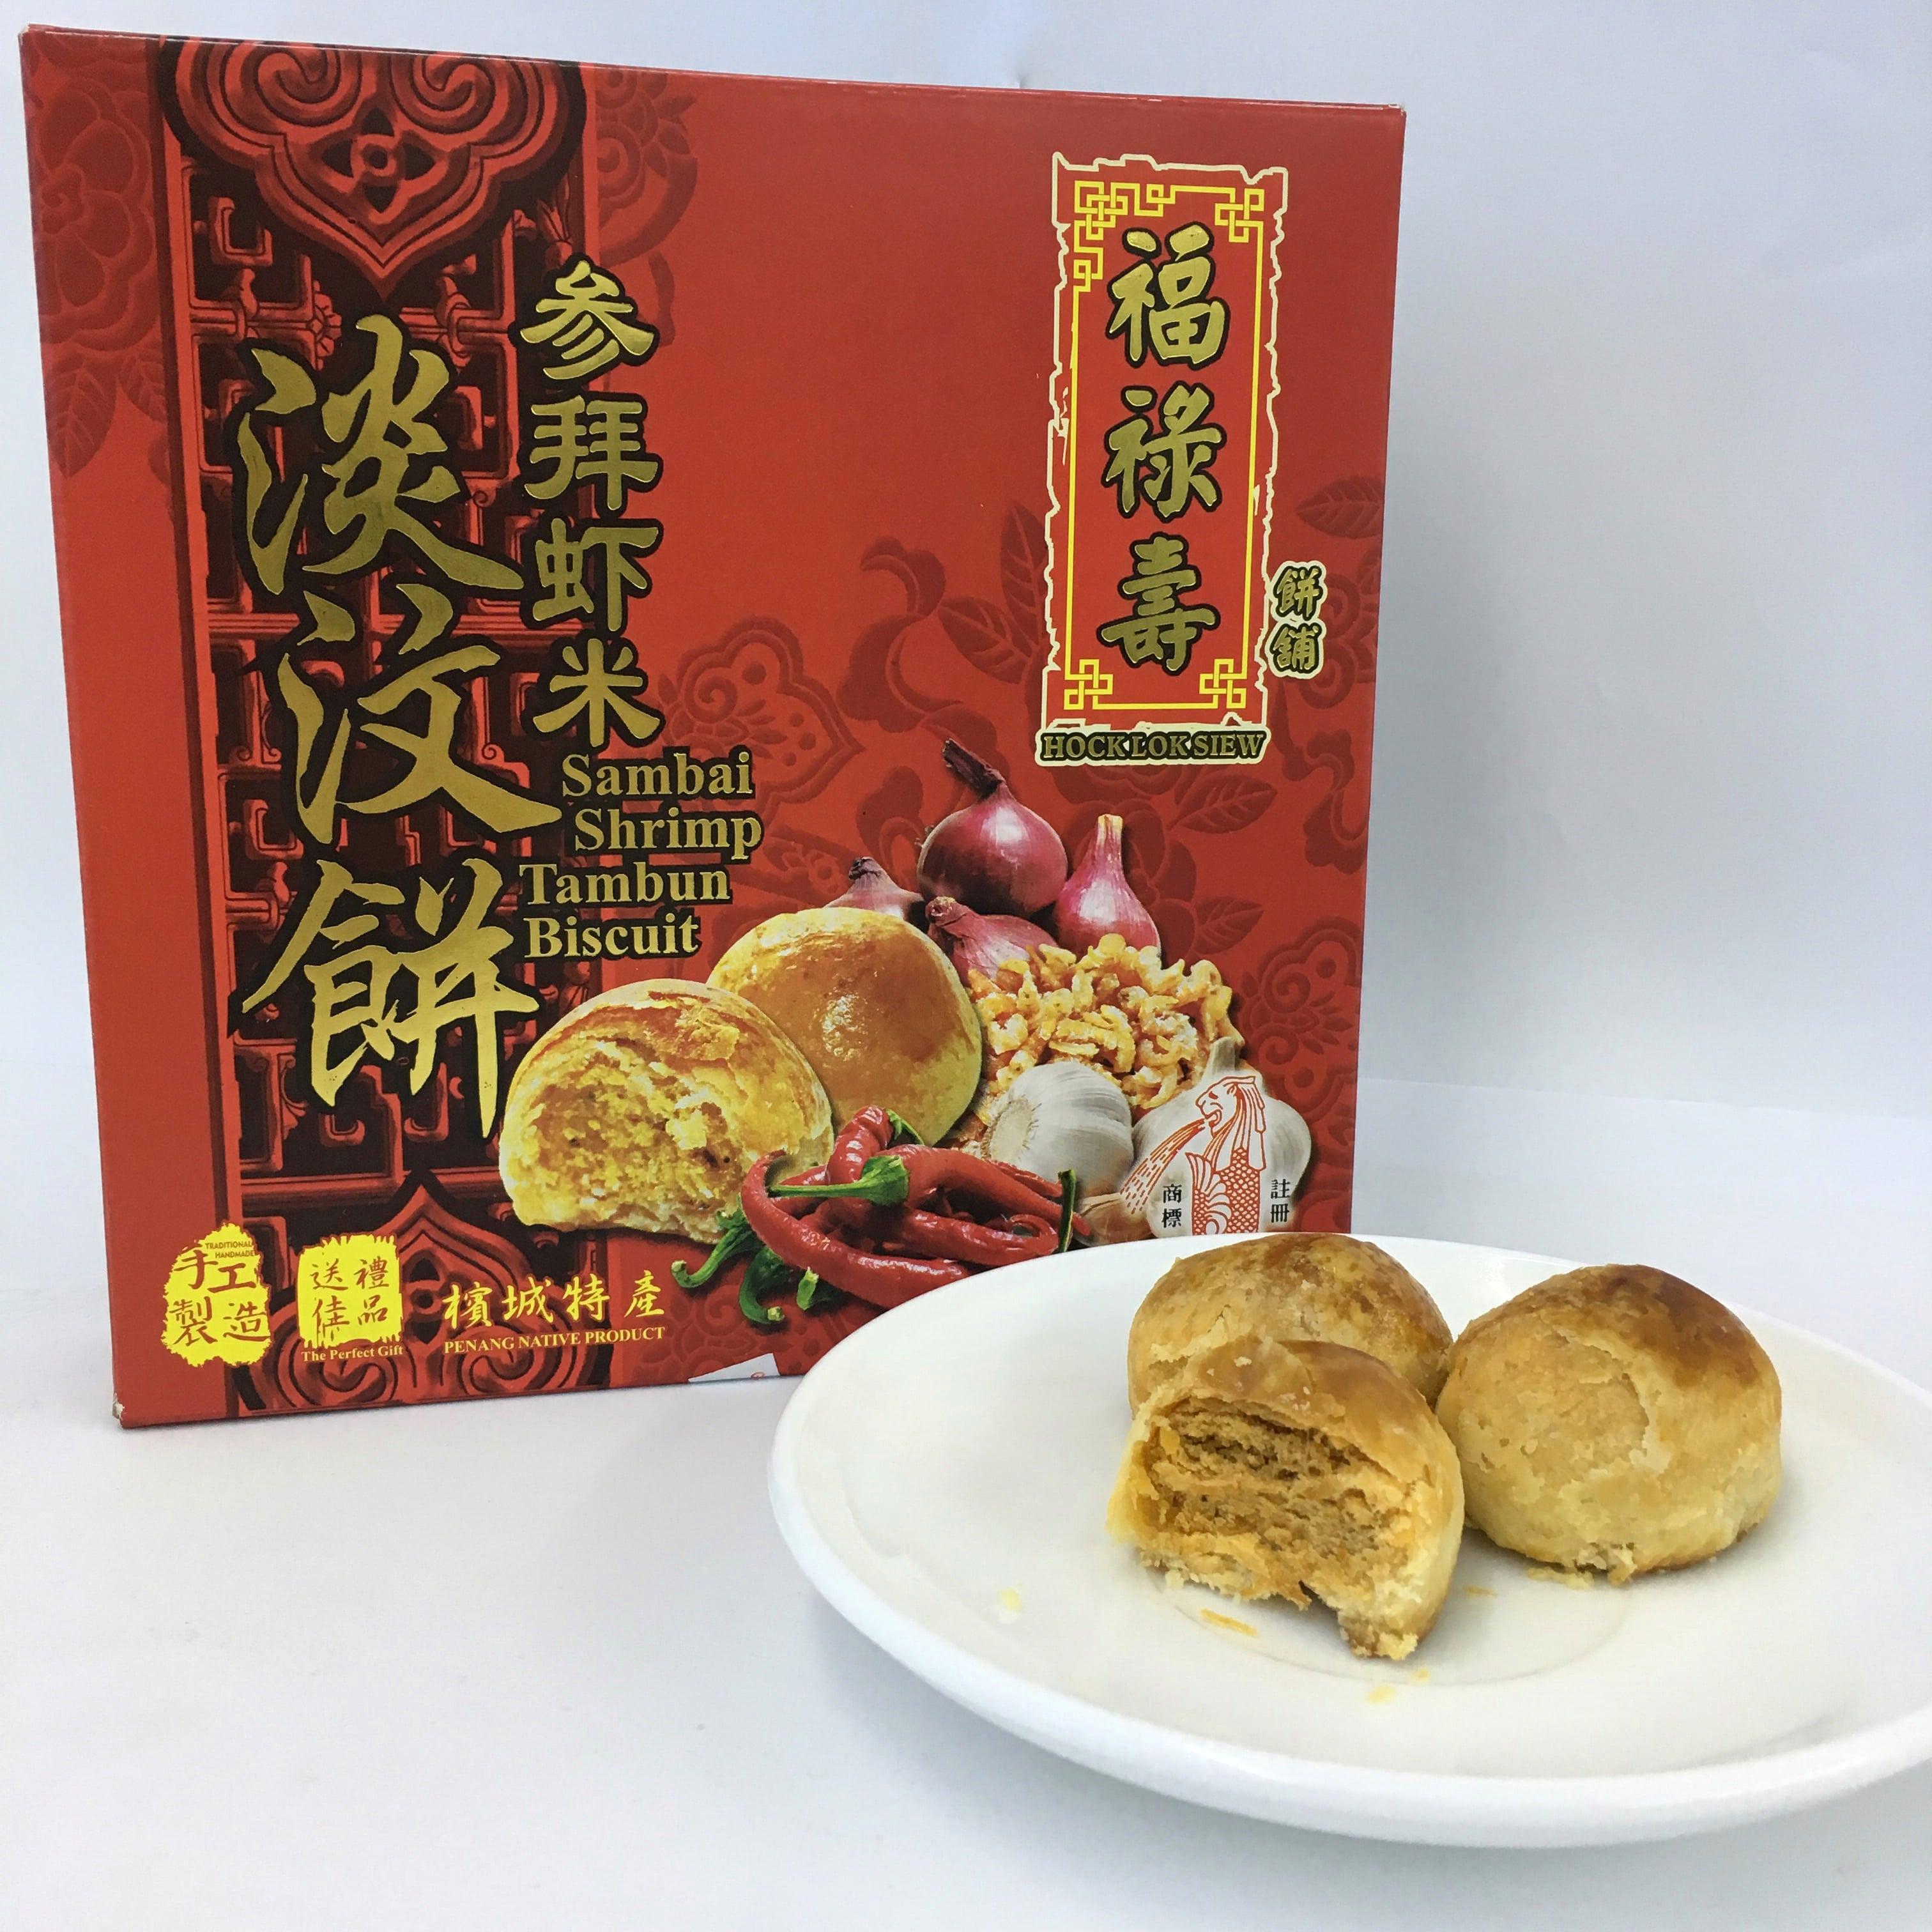 Sambai Shrimp Tambun Biscuit 淡汶饼参拜虾米